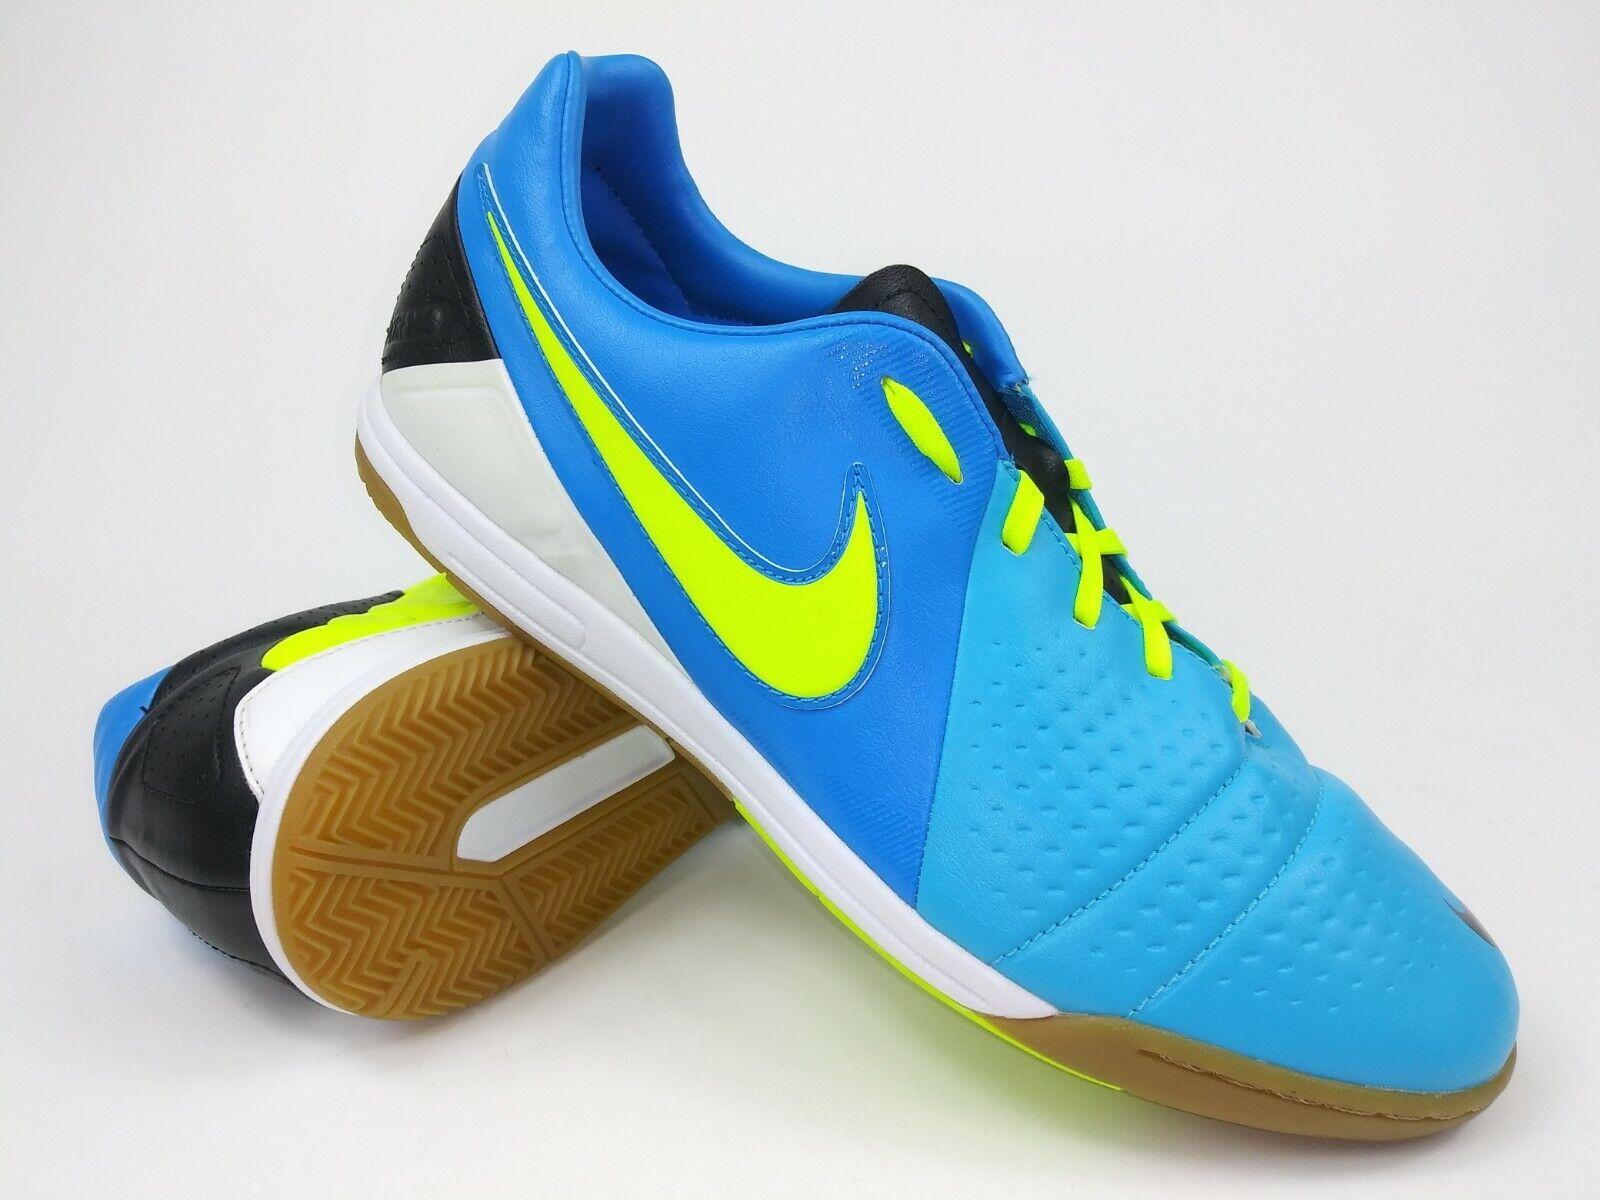 Nike Hombre Raro CTR360 libreto Lll IC 525171-470 Calzado de Fútbol Indoor Talla 8